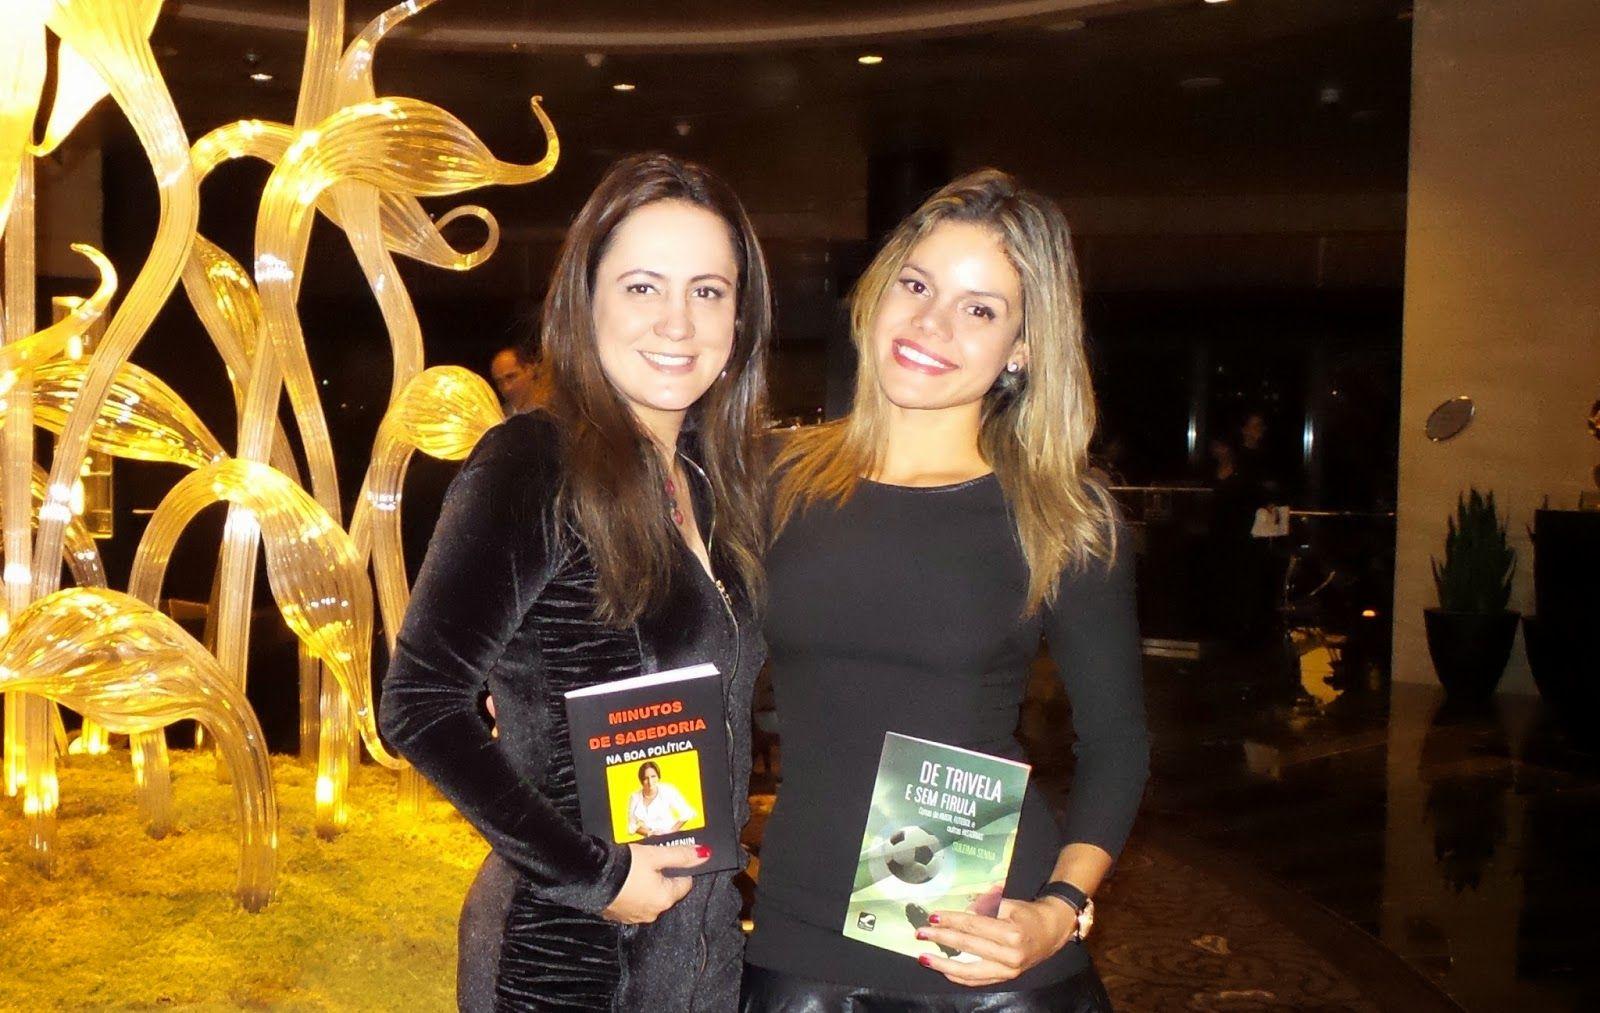 ♥ Política e Futebol do Brasil na Big Apple !!! ♥ USA ♥  http://paulabarrozo.blogspot.com.br/2014/04/politica-e-futebol-do-brasil-na-big.html